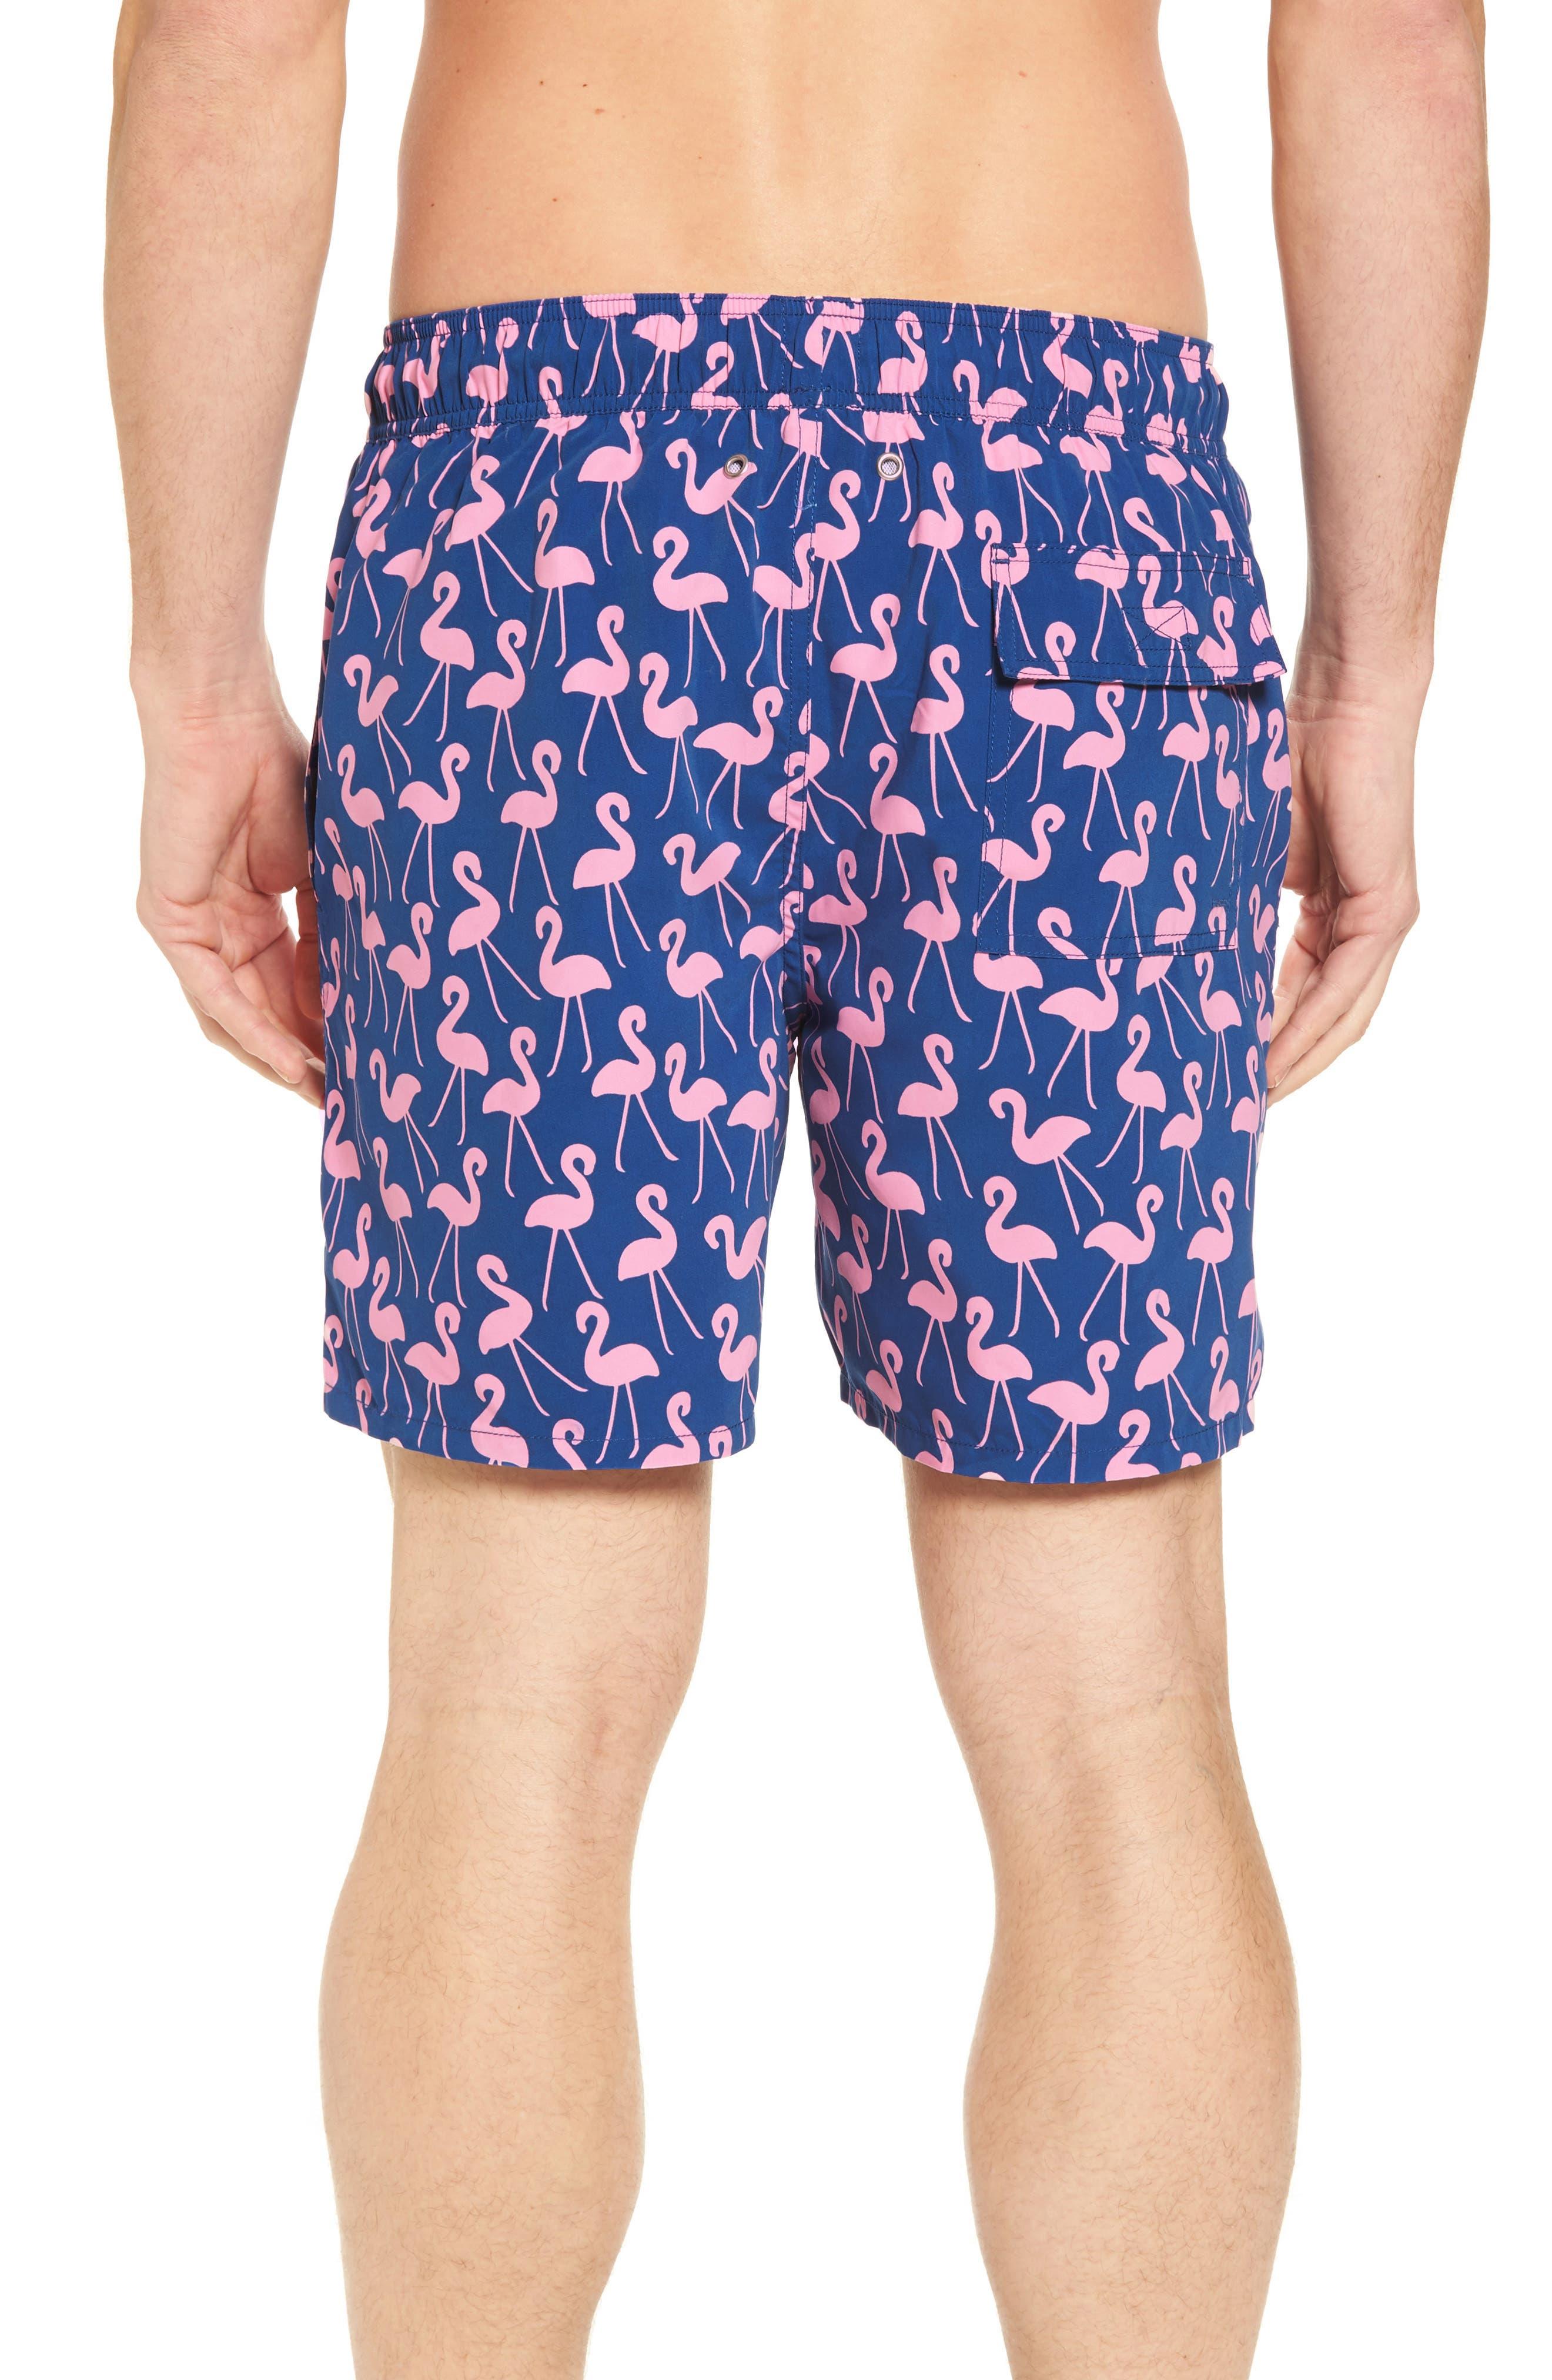 Flamingo Print Swim Trunks,                             Alternate thumbnail 2, color,                             409